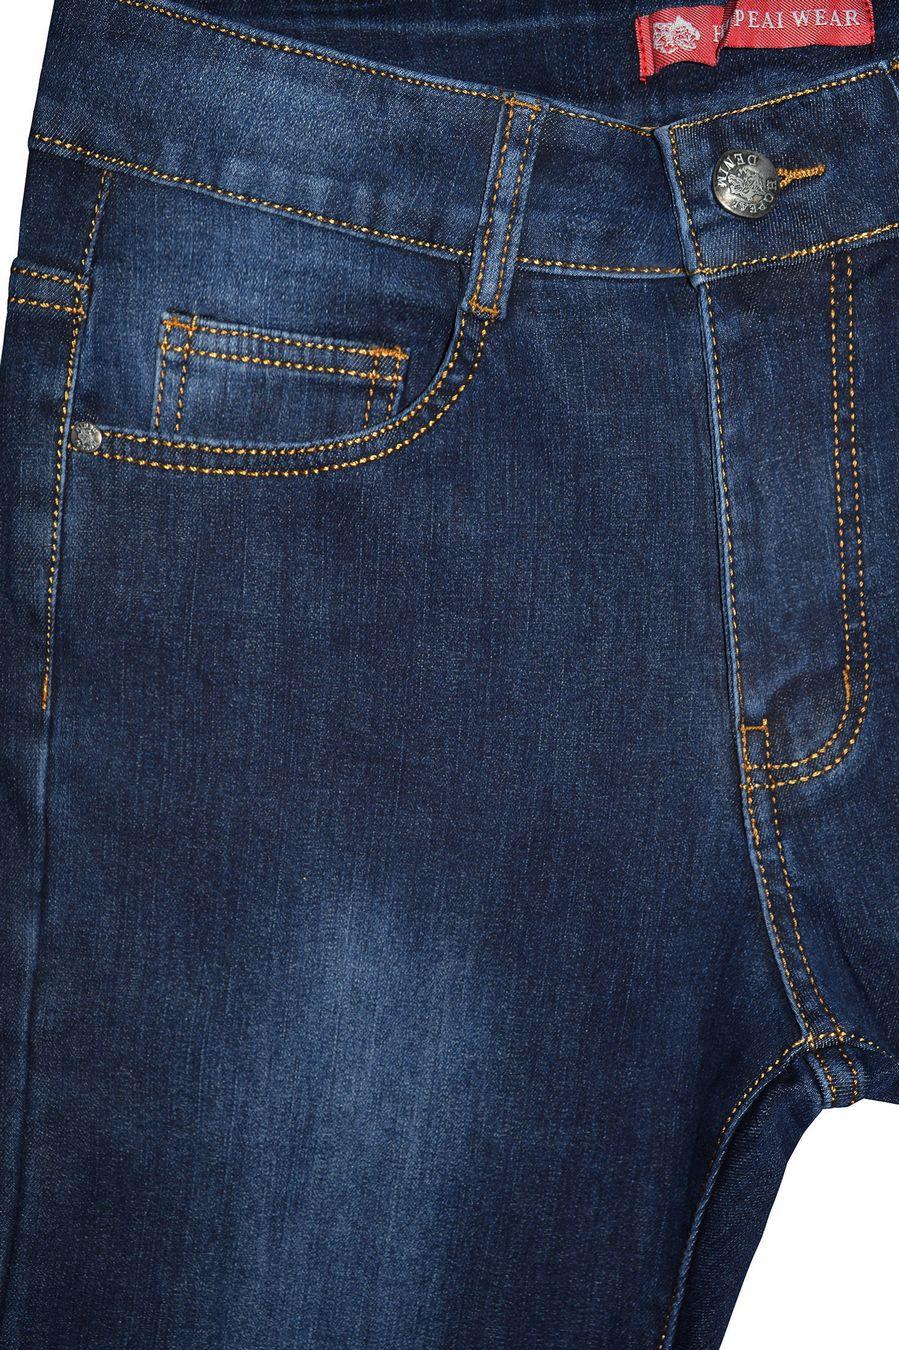 Джинсы мужские Hopeai 916 утепленные - фото 3